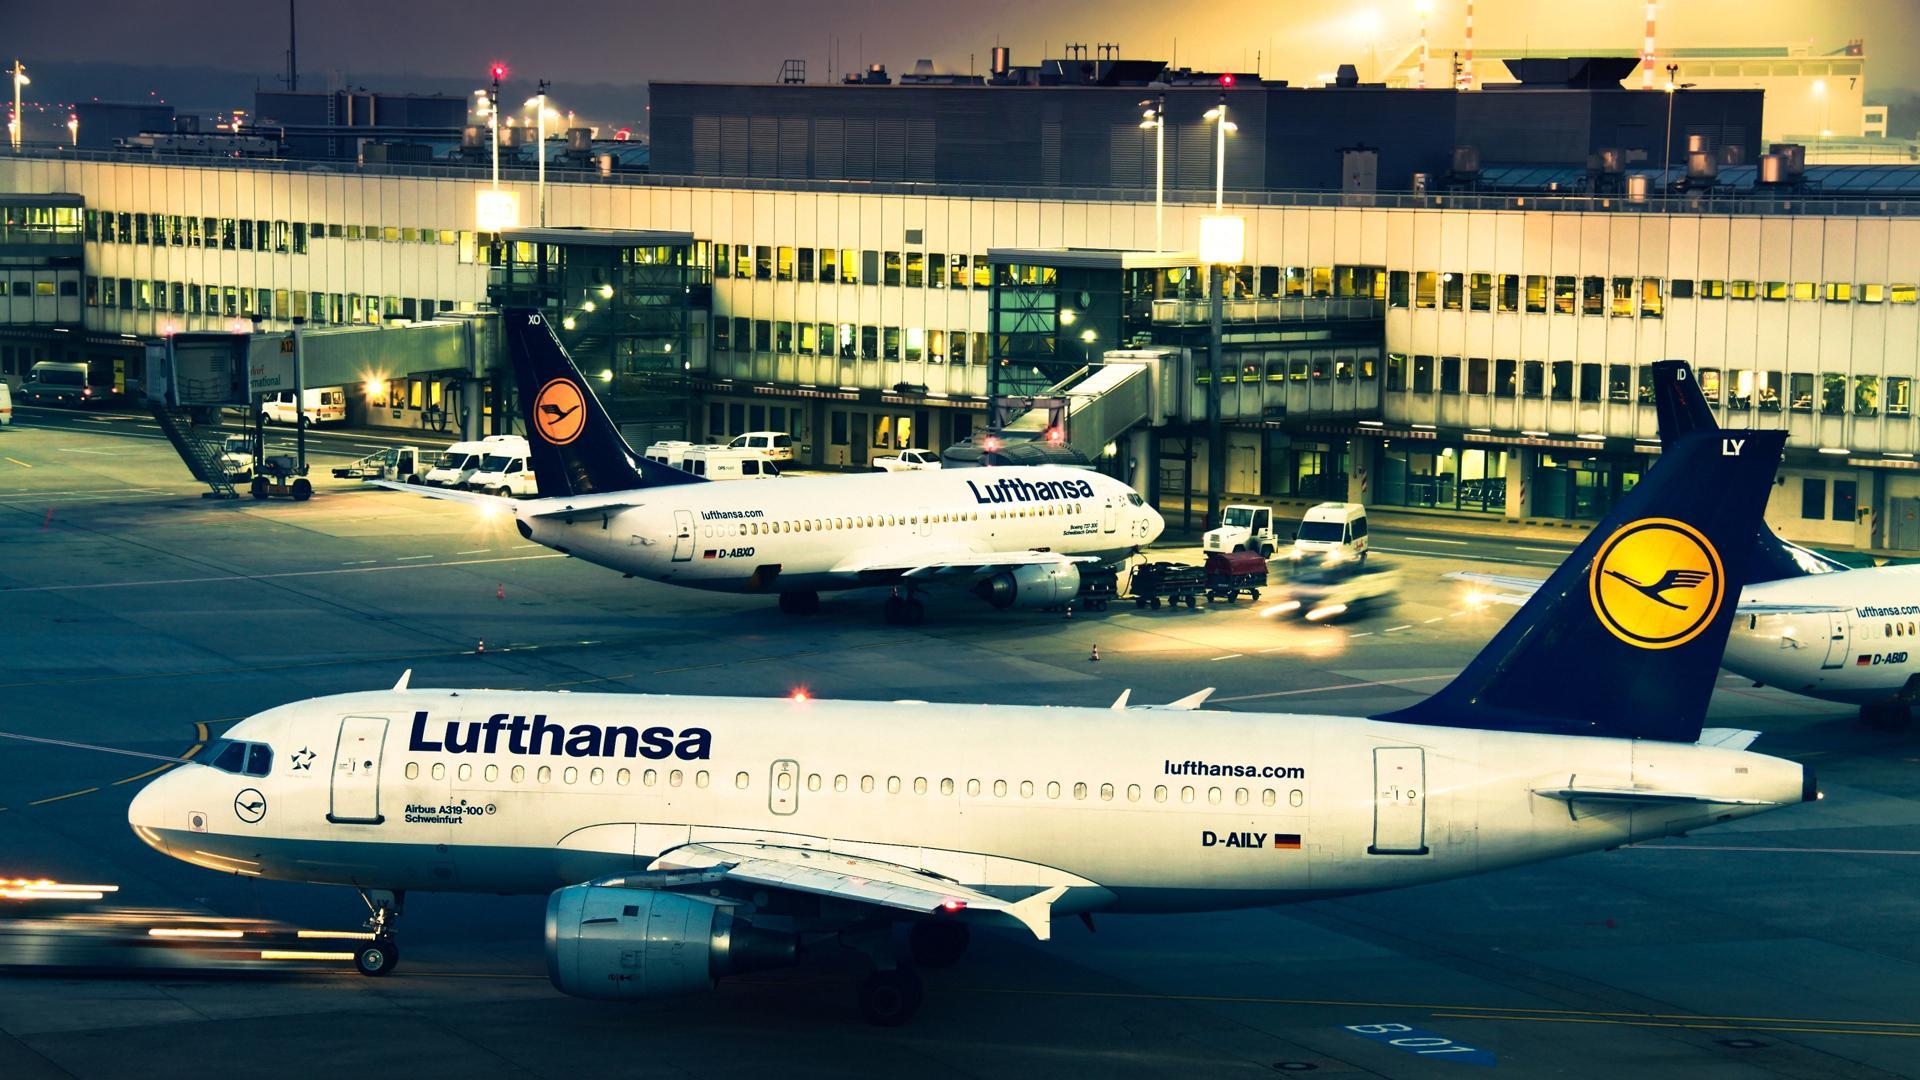 Самолет Airbus, обои на смартфон самолеты, авиация, Lufthansa, 1920 на 1080 пикселей